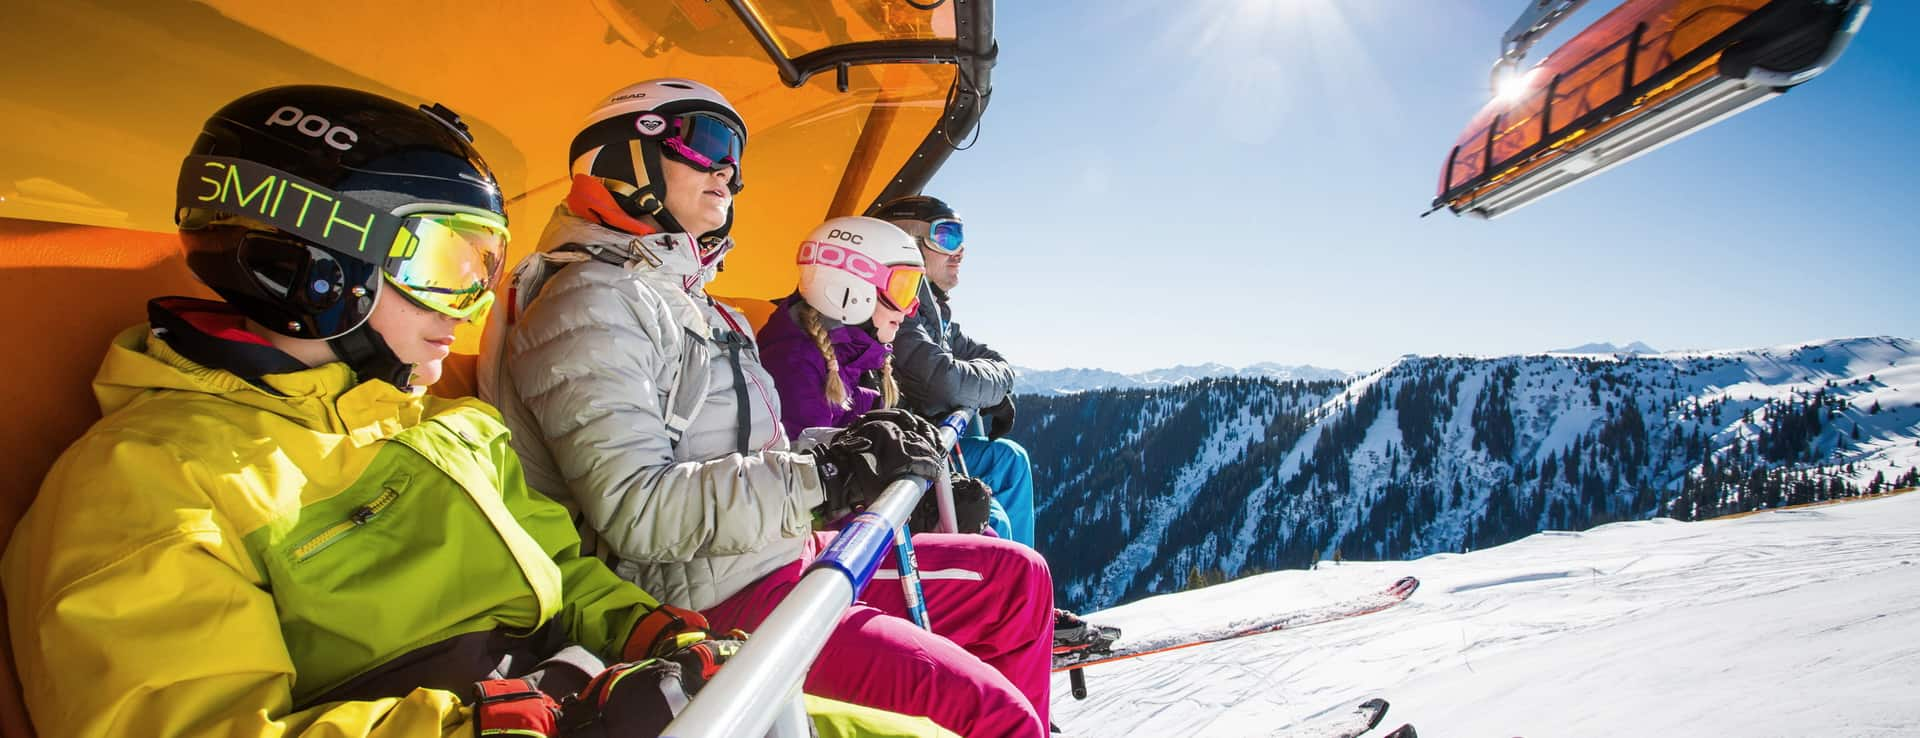 Skidsemester och skidresor med Austria Travel till Leogang